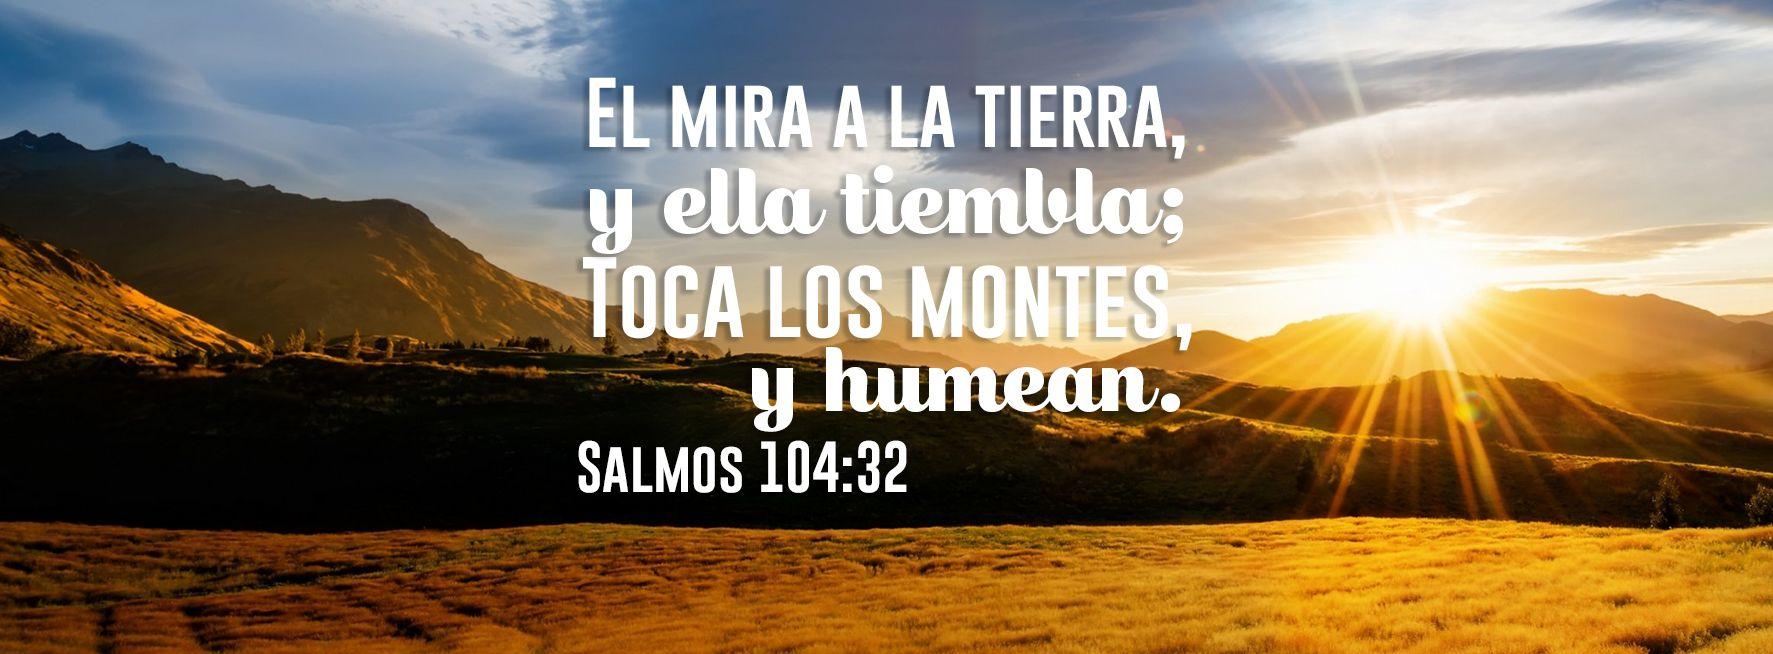 """Toca los montes - Salmos 104:32"""" El mira a la tierra, y ella tiembla; Toca los montes, y humean. """""""